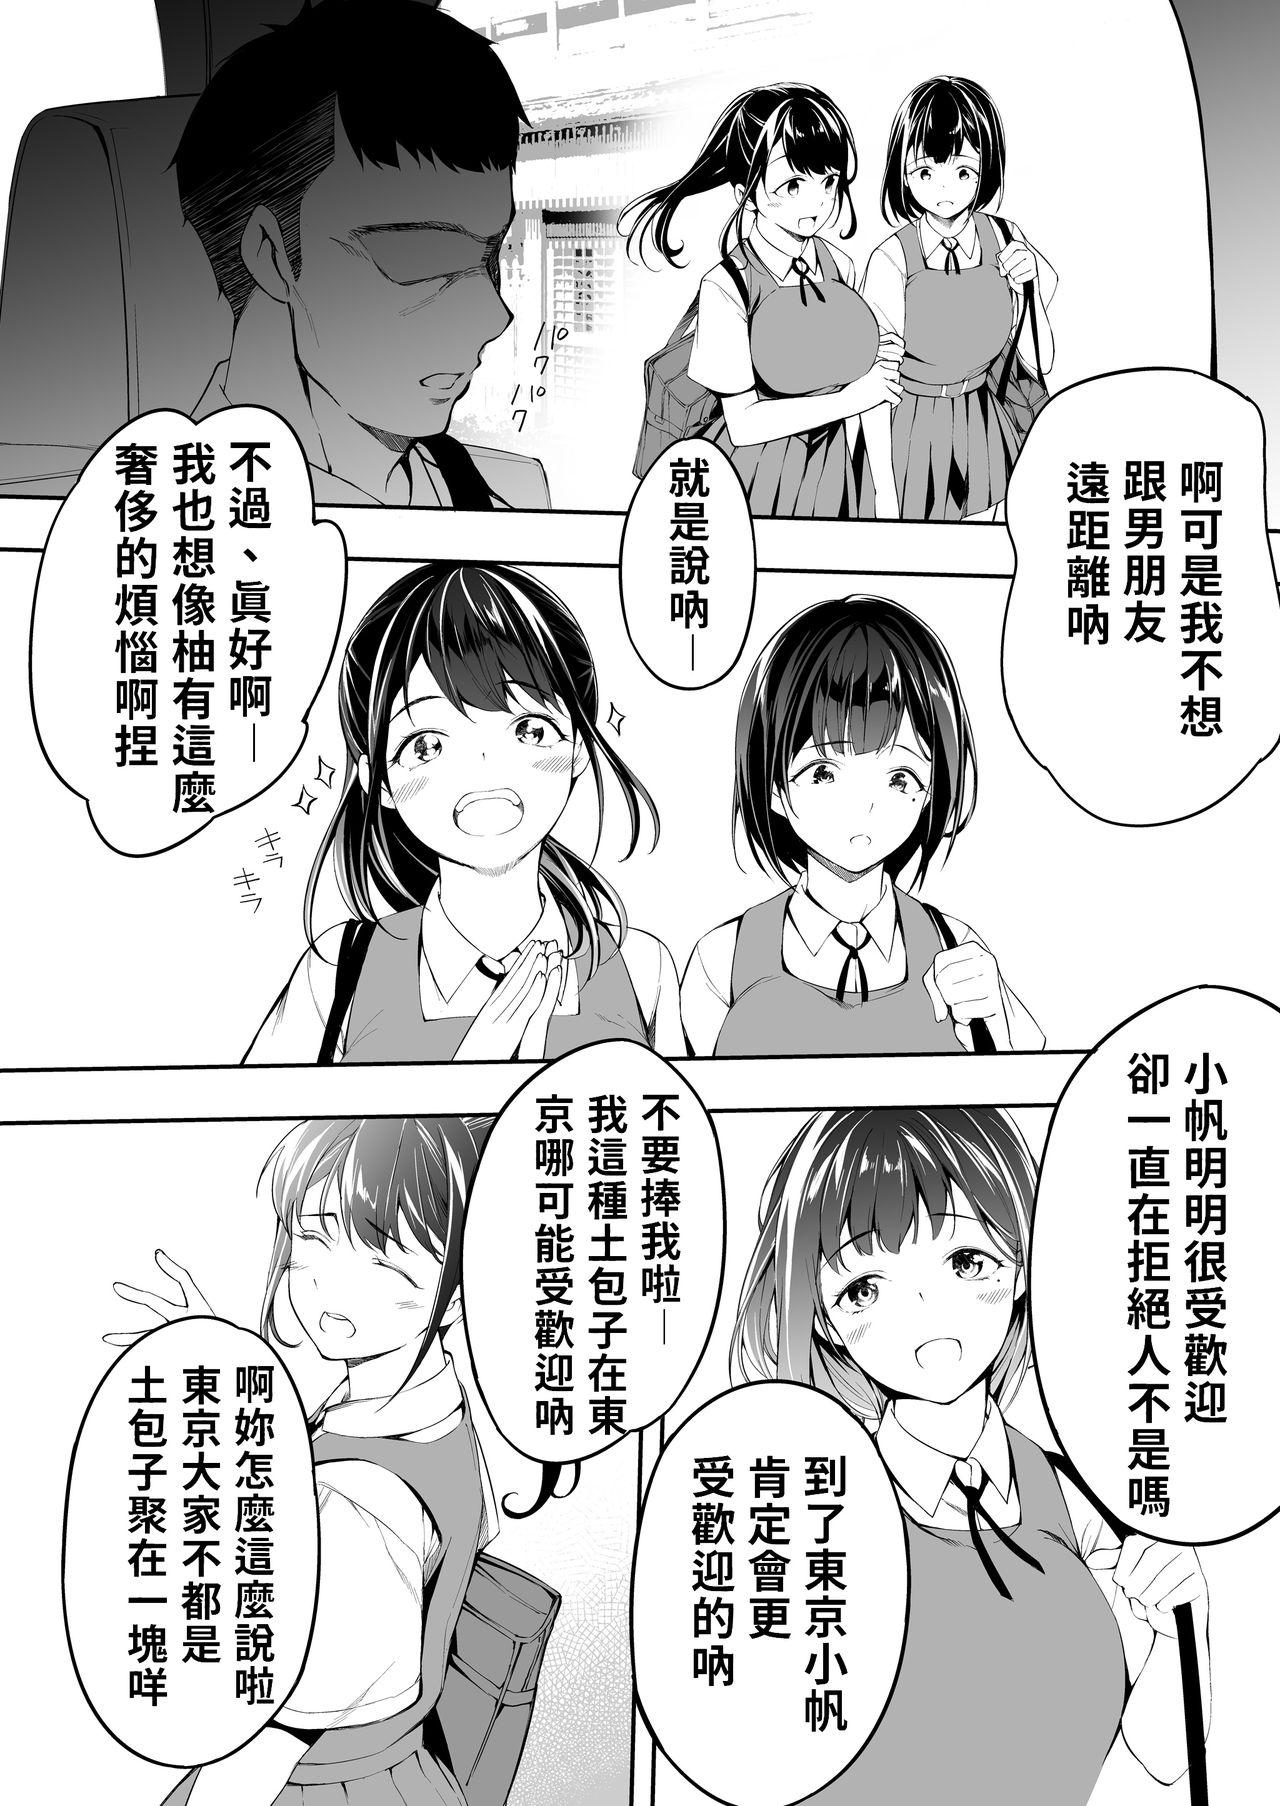 Panpan Travelers Hakata Shuudan Rape Ryokou | 吃飯兼炒飯TRAVELERS~博多集團強●旅行 47